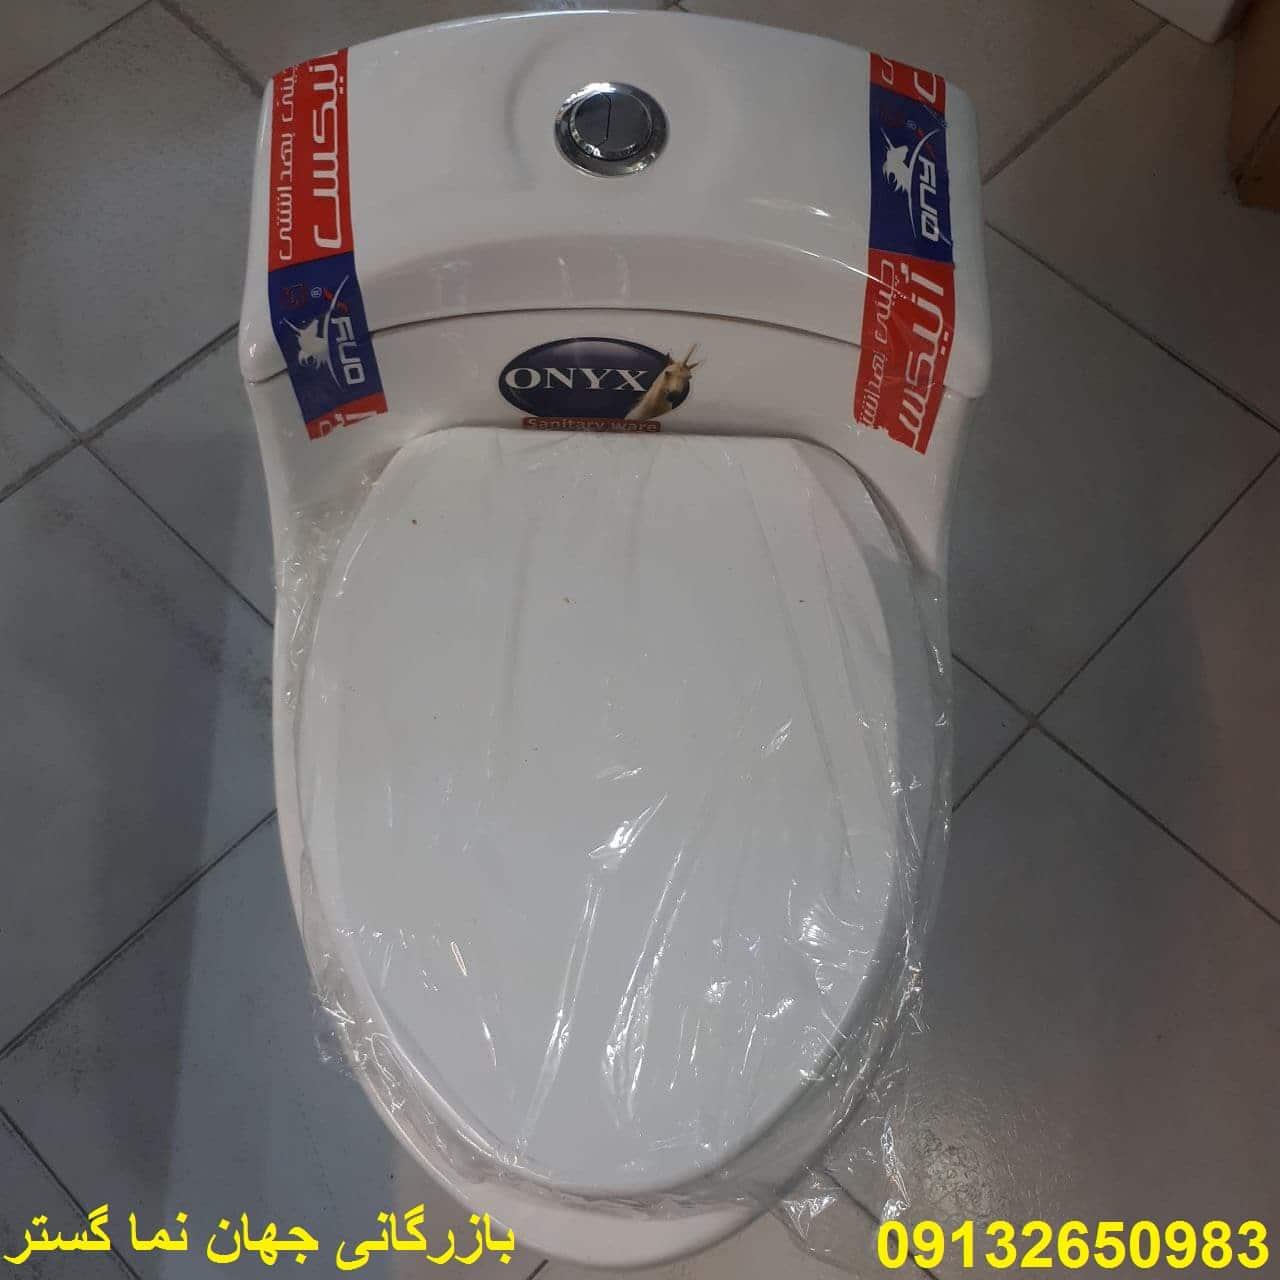 قیمت توالت فرنگی انیکس مدل مرجان[جهان نما گستر]